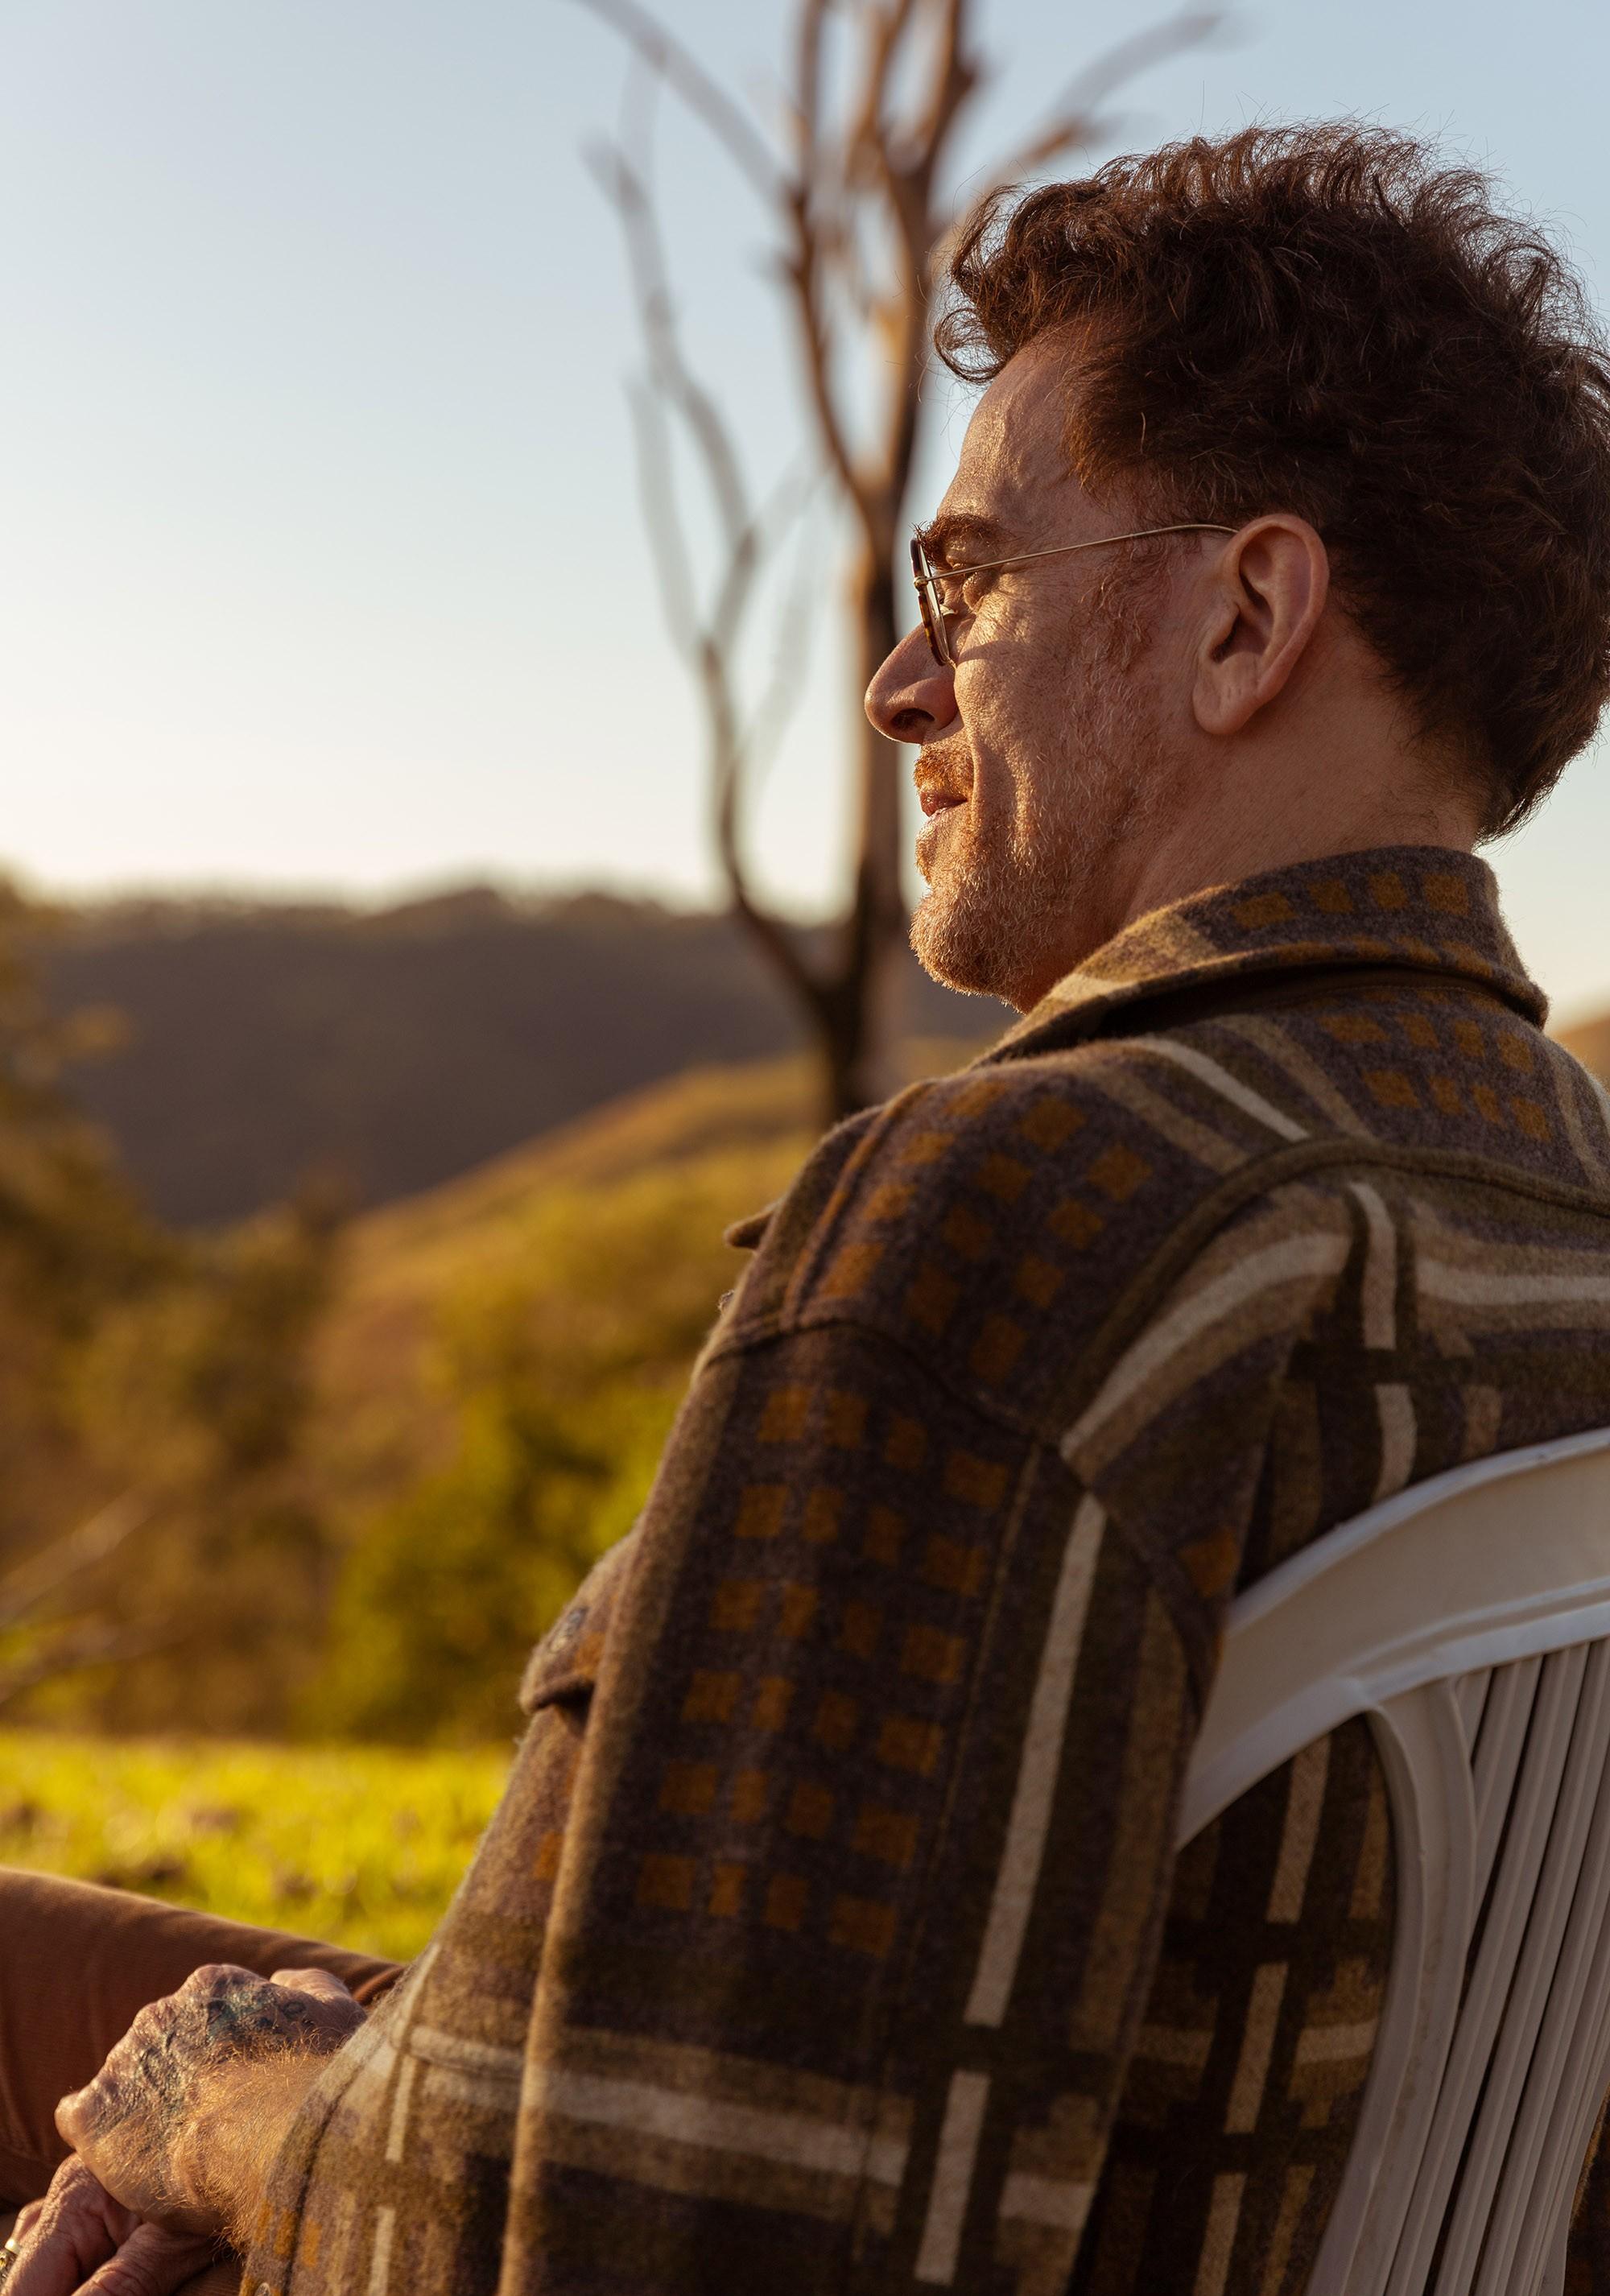 Nando Reis antevê o sol da liberdade afetiva no single 'Espera a primavera'